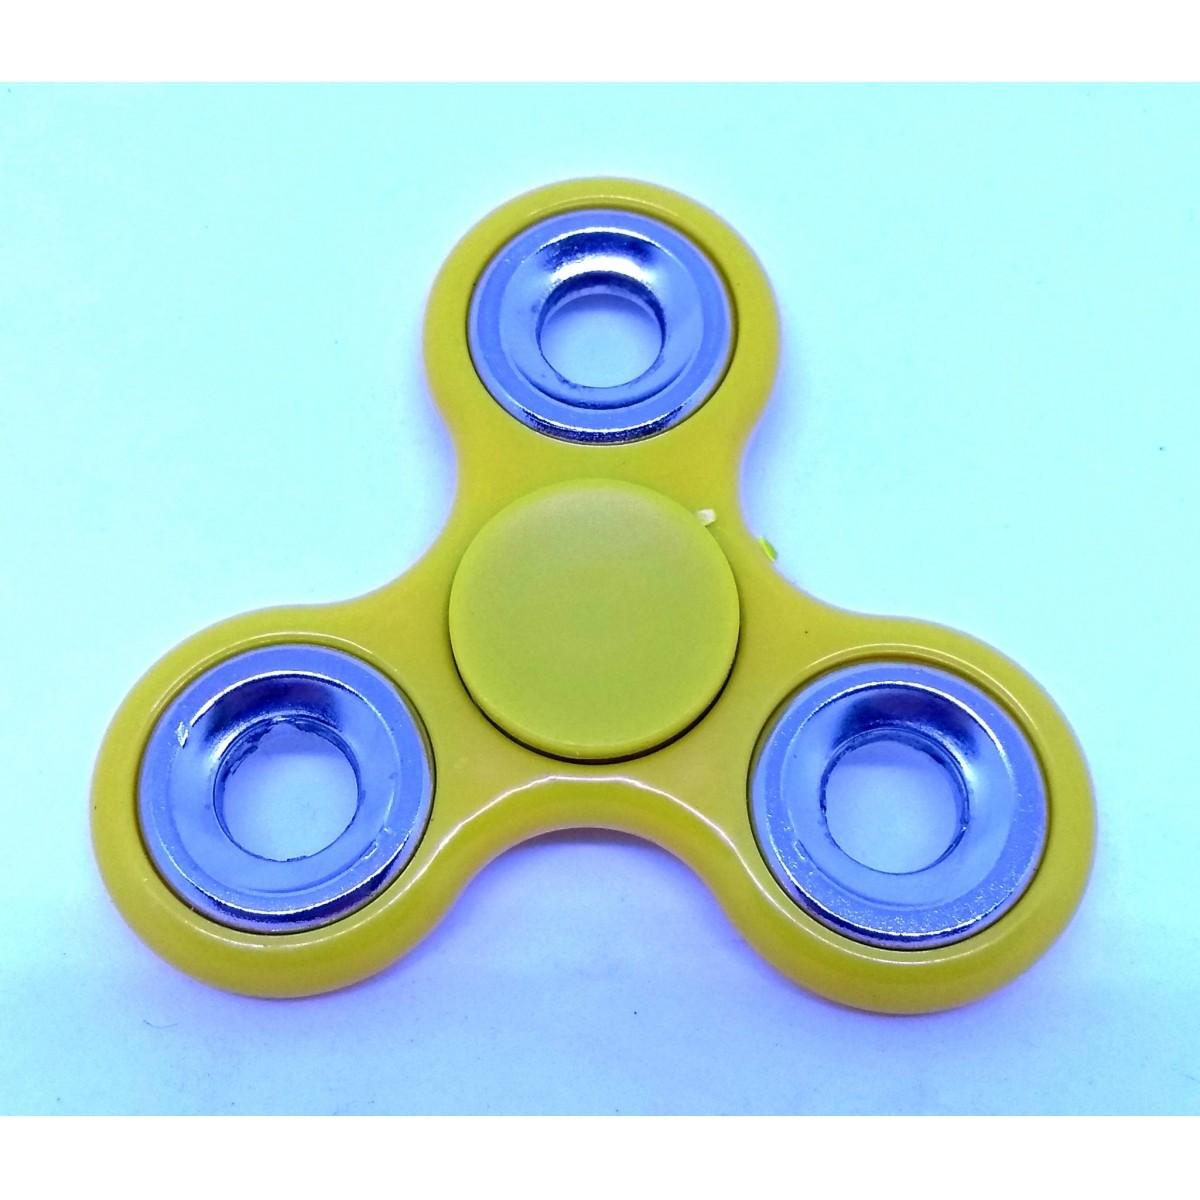 Hand Spinner Amarelo com anel Prata - Rolamento Anti Estresse Fidget Hand Spinner